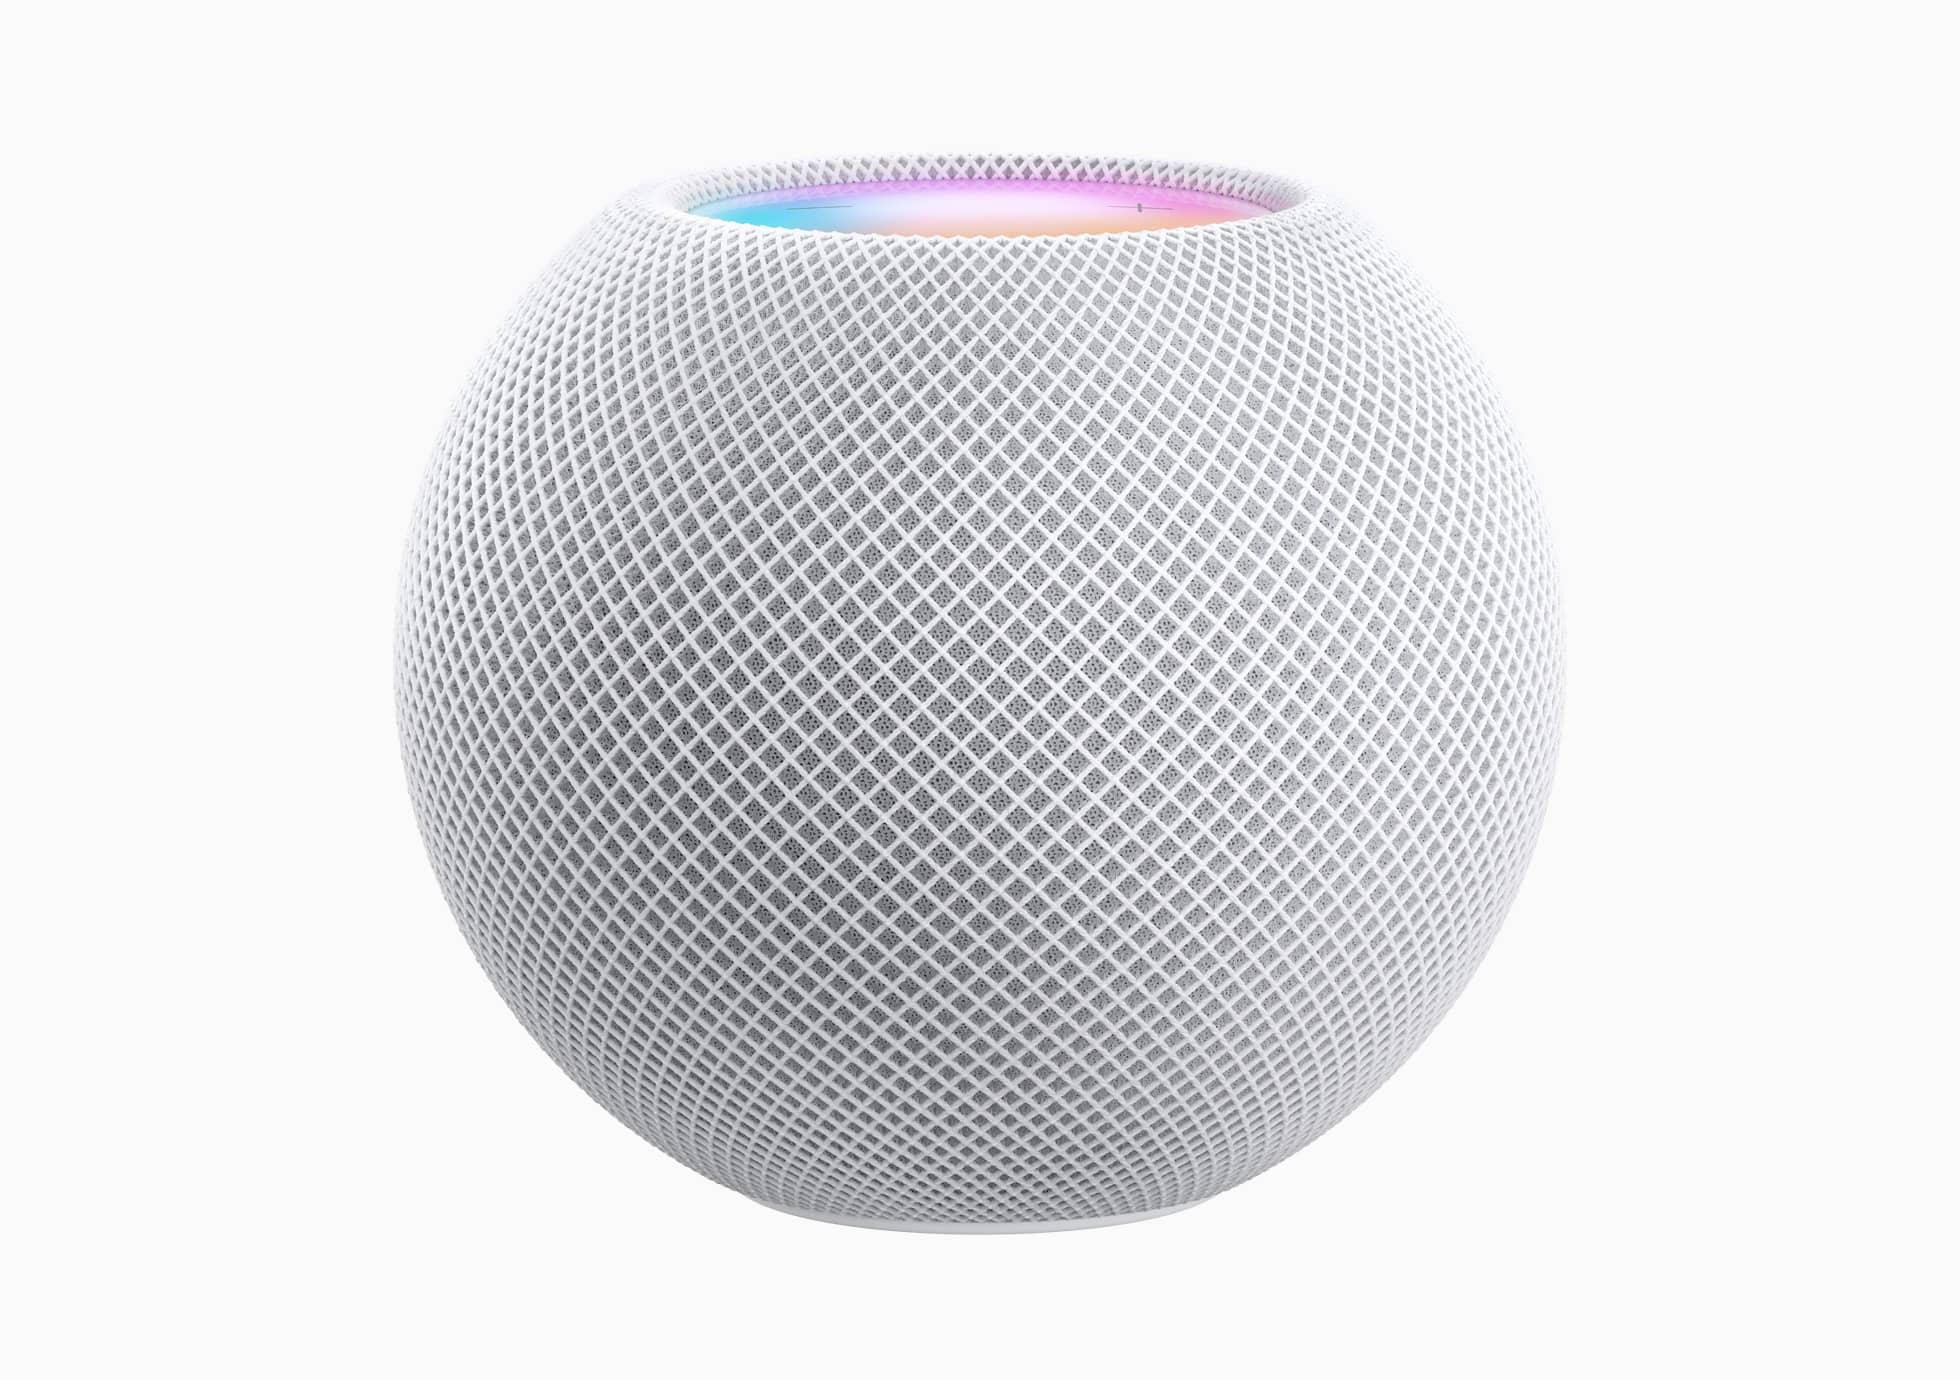 Apple homepod mini white 10132020